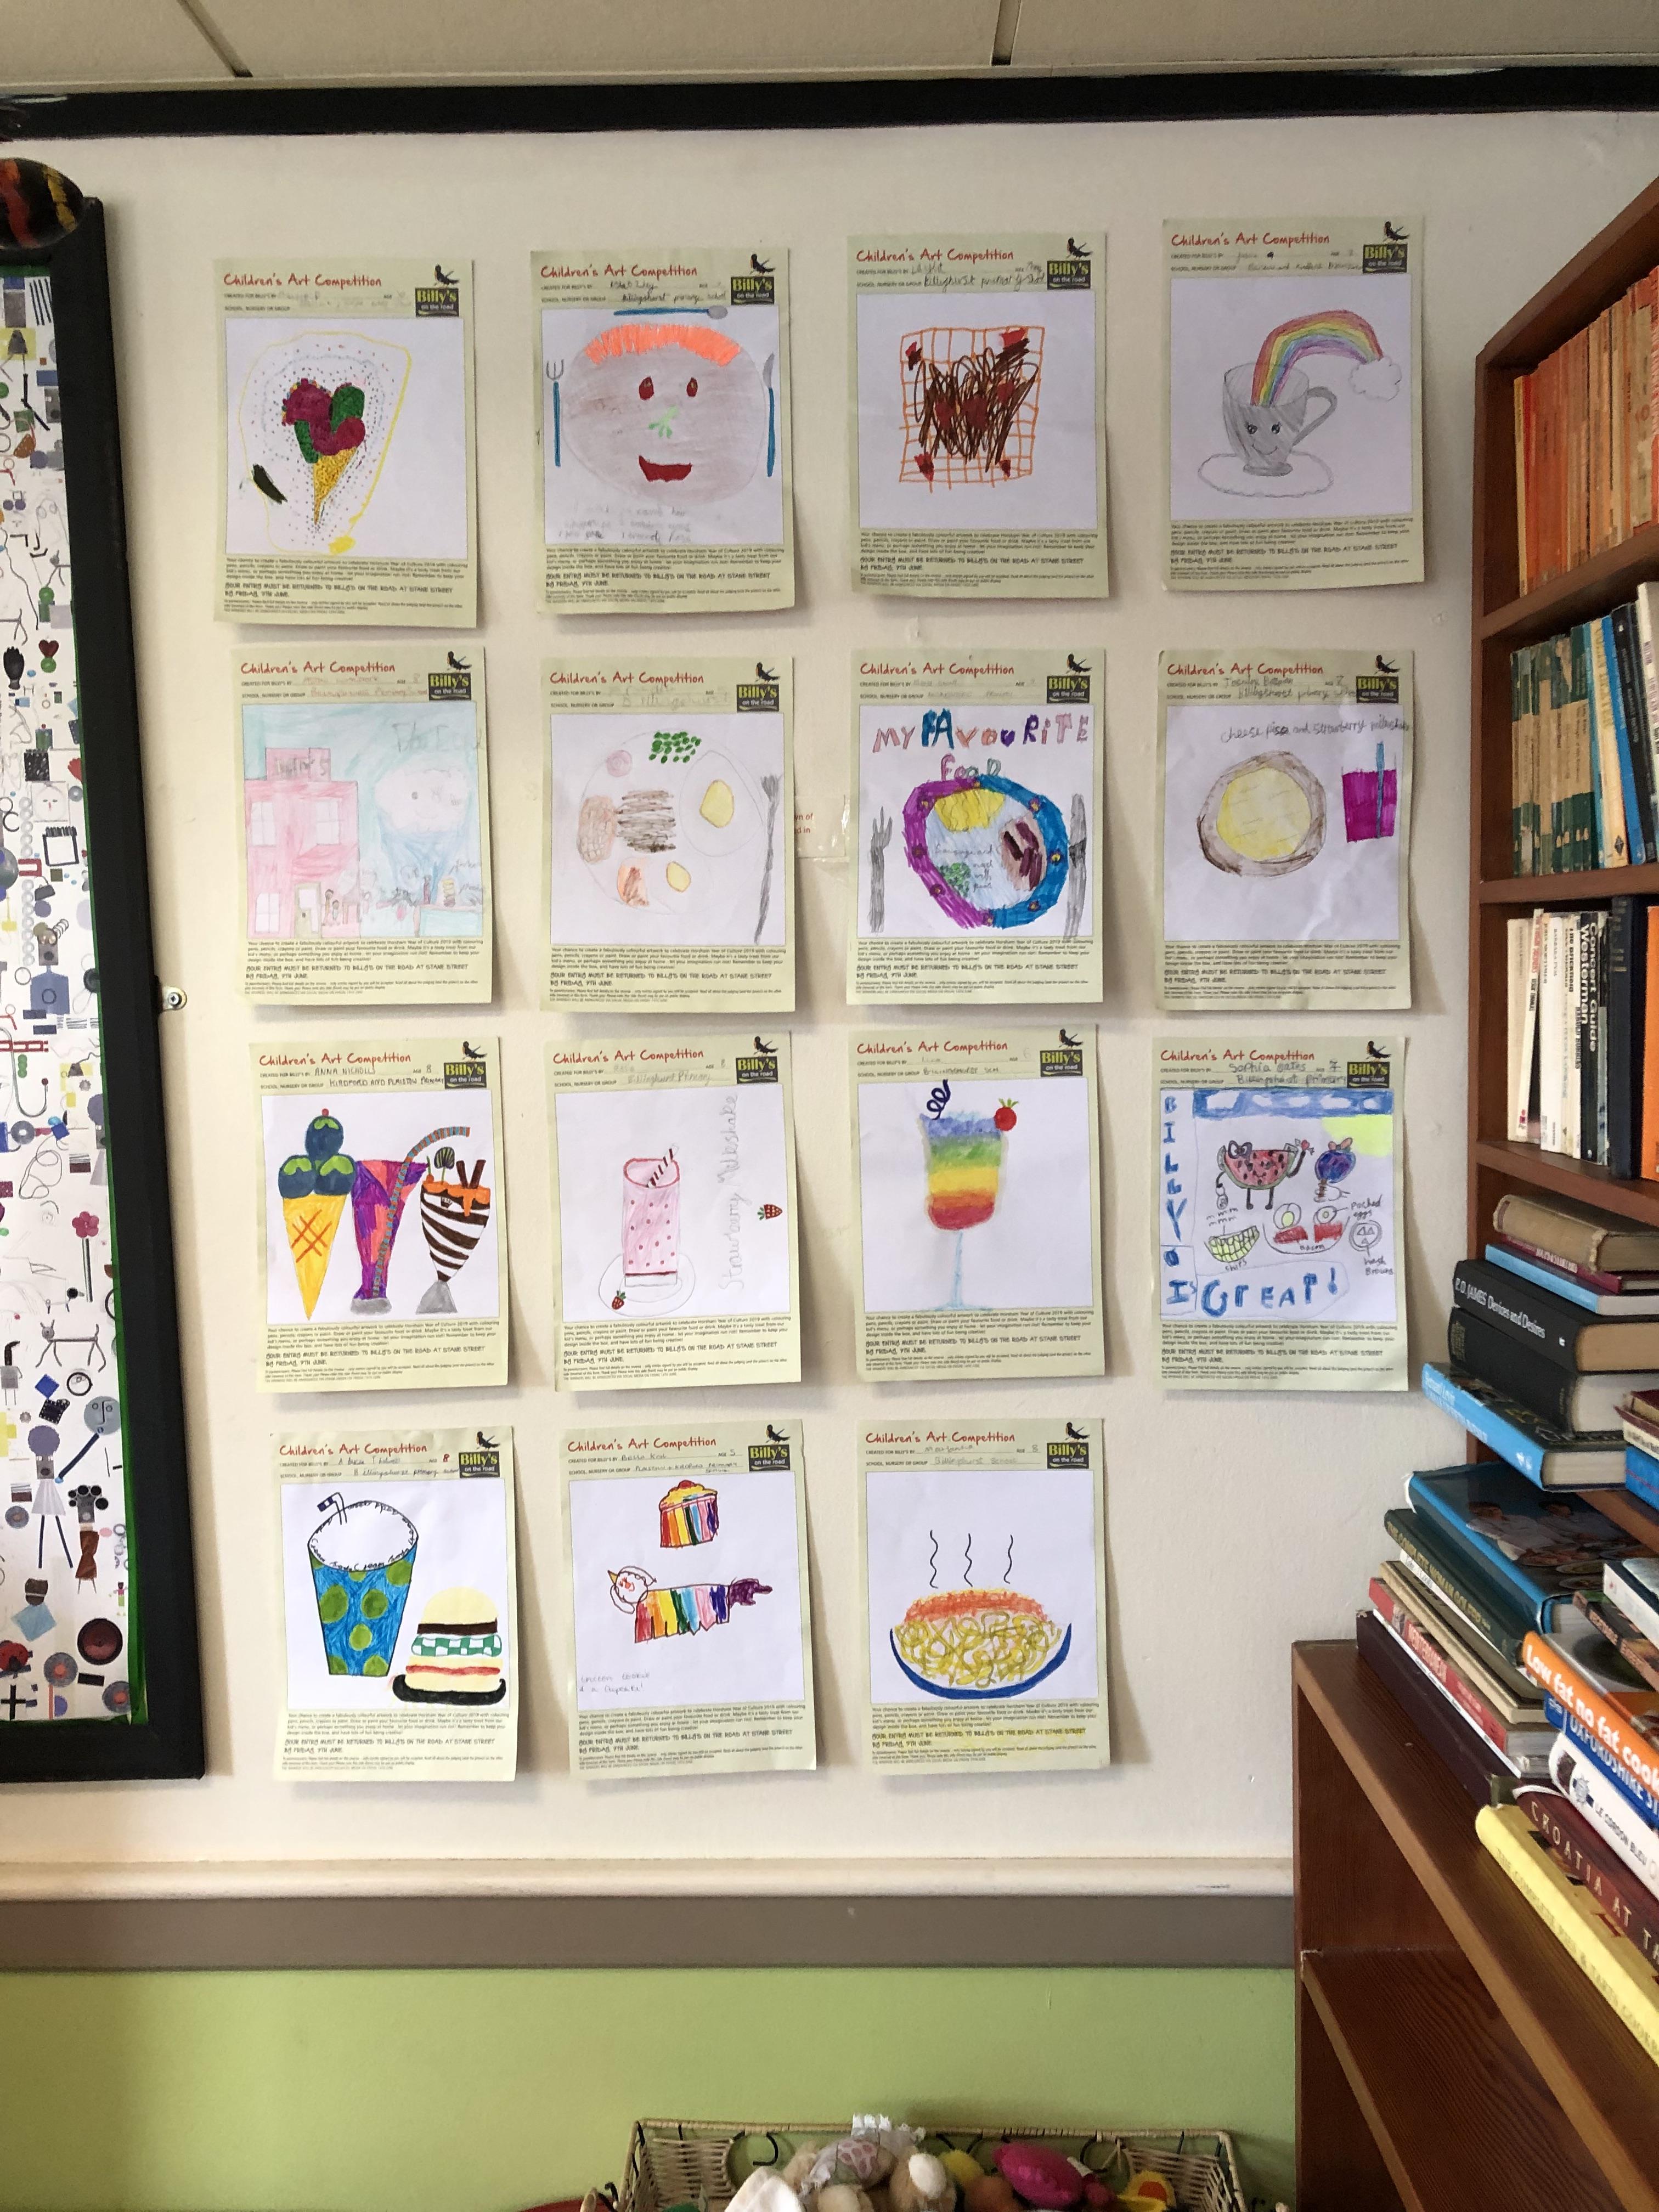 hildren's gallery of artwork in Billingshurst